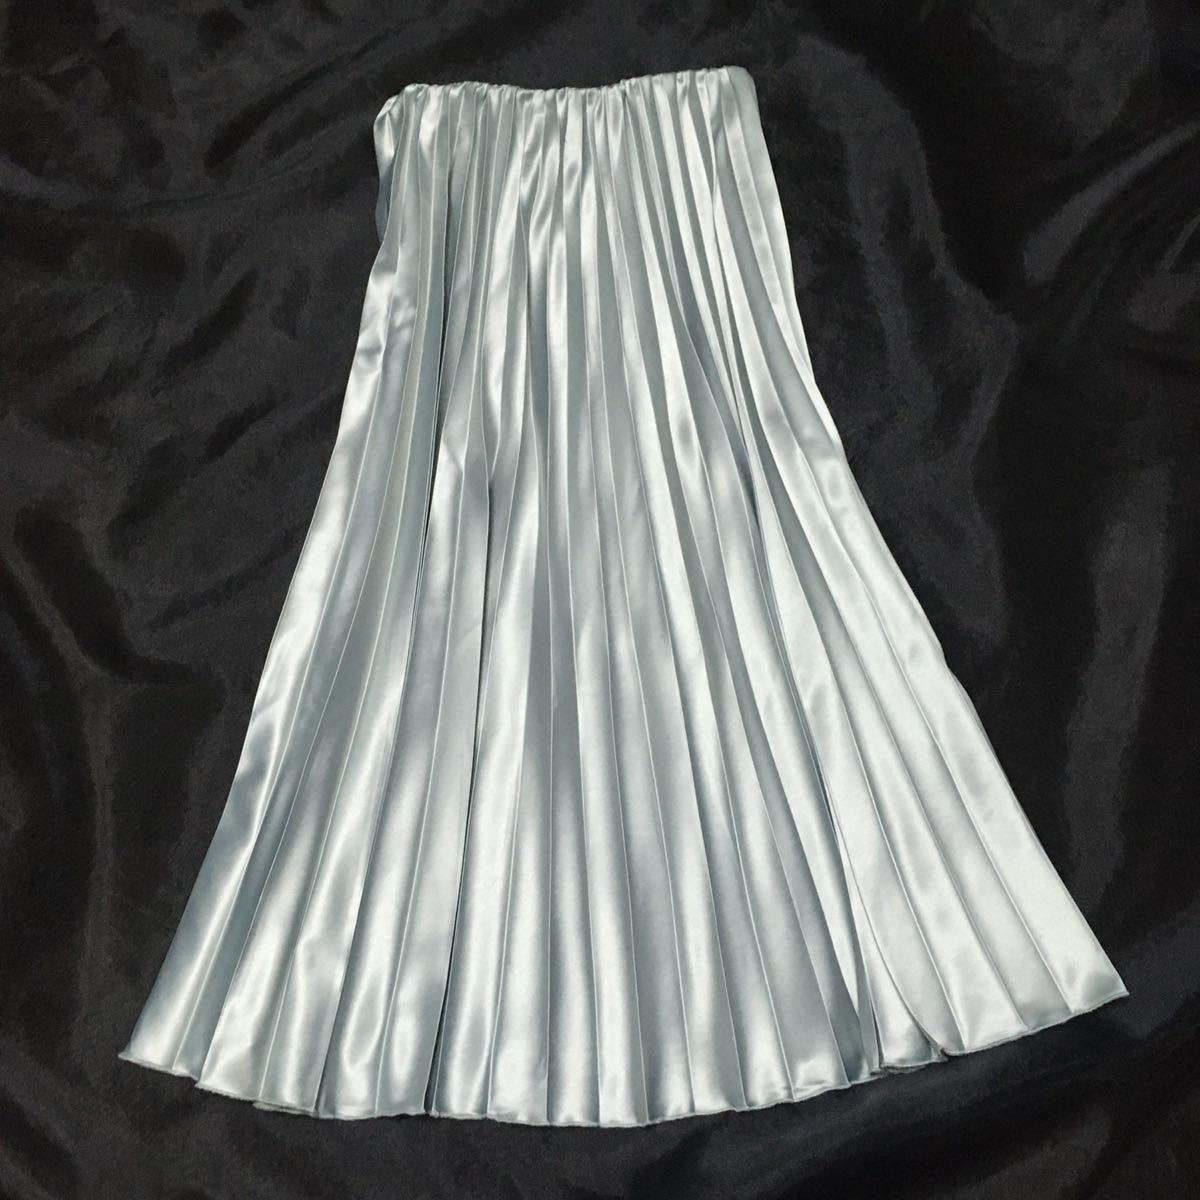 ☆ サテンプリーツスカート ミントグリーン ロングスカート 光沢つるつるサテン ☆